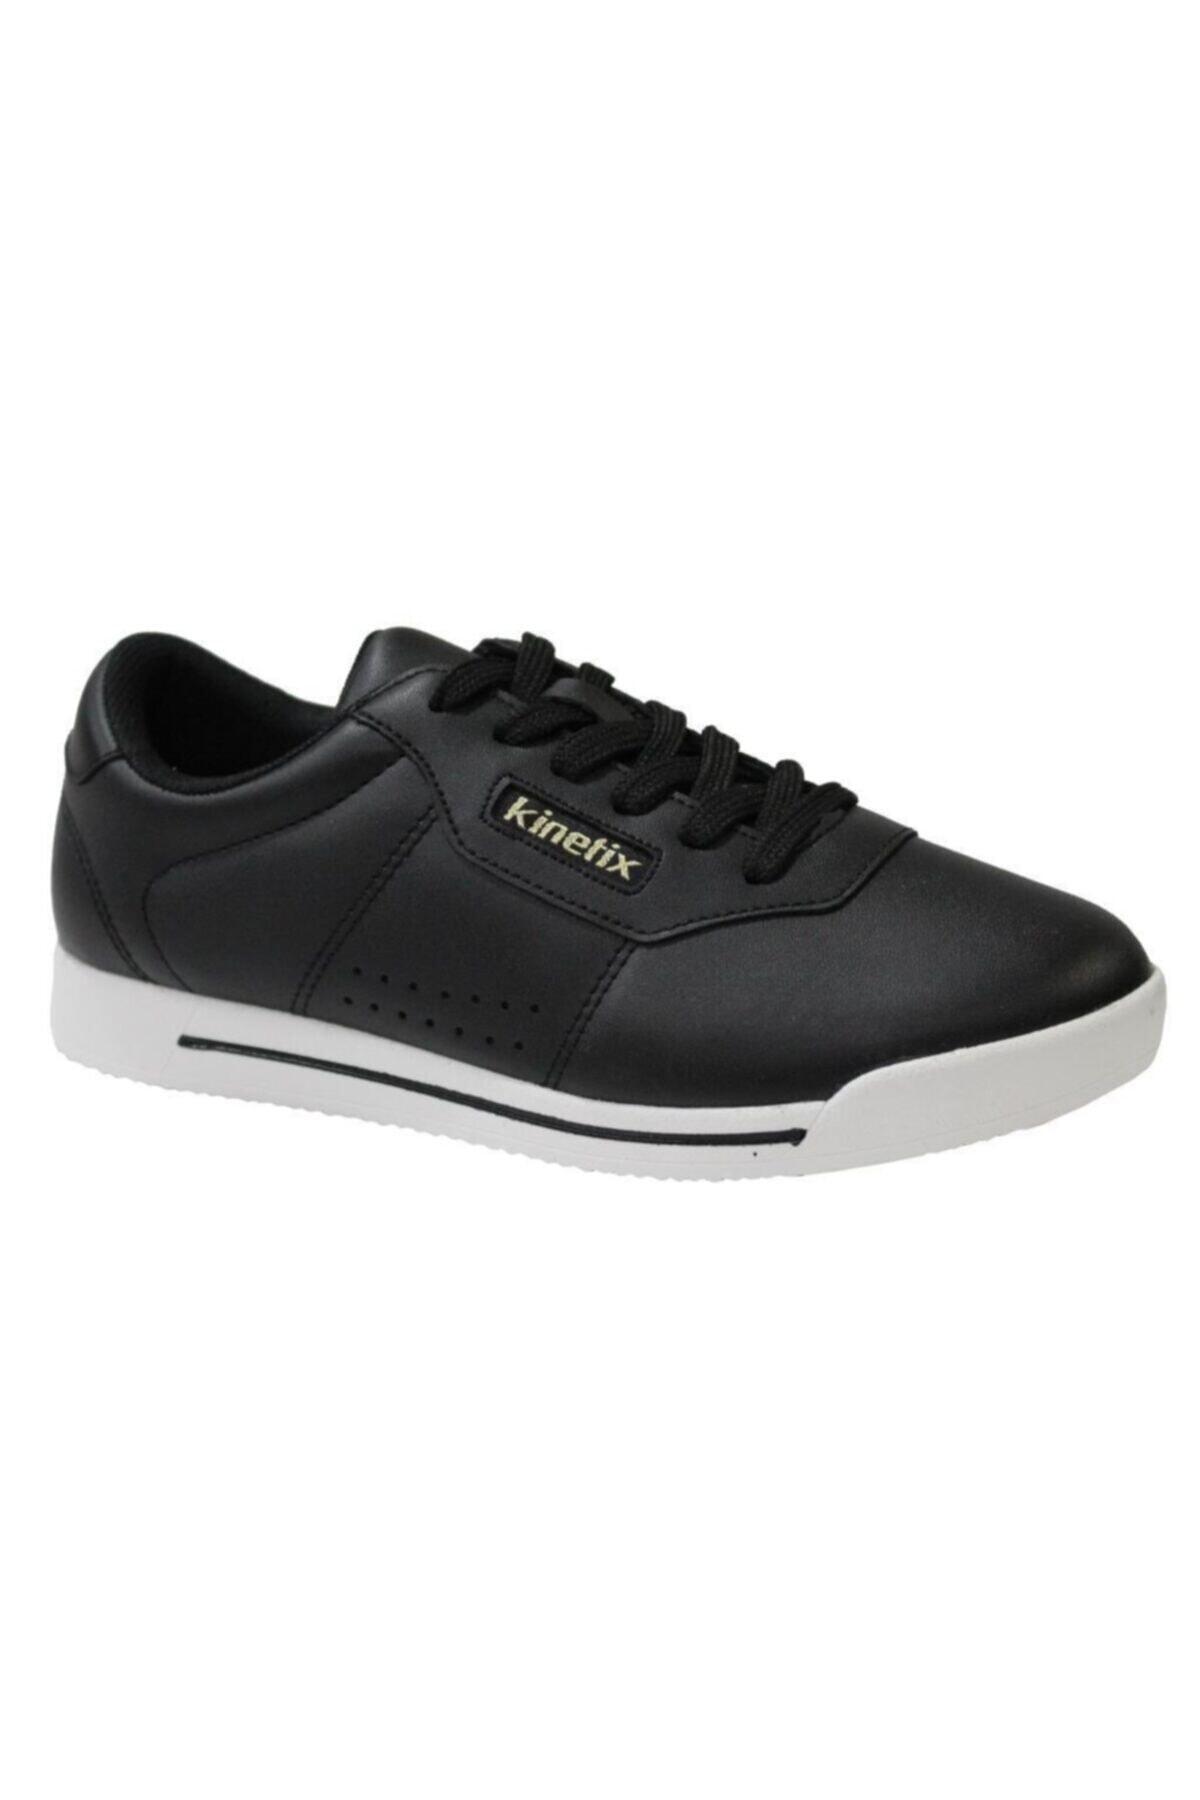 کفش مخصوص پیاده روی مدل 2021 برند کینتیکس kinetix رنگ مشکی کد ty29736559